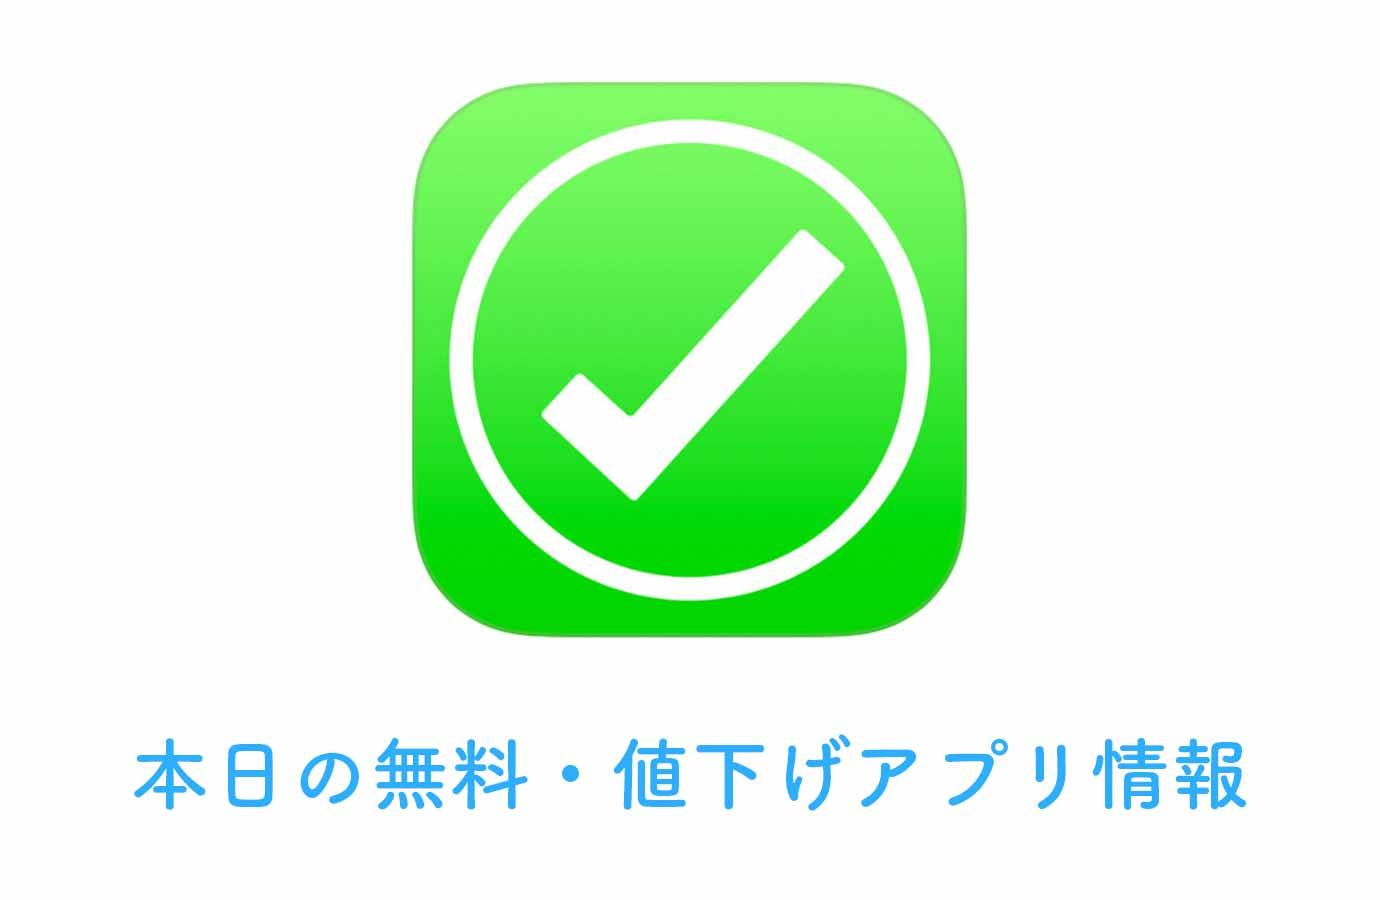 720円→無料、Todoとリマインダーを管理できる「gTasks Pro」など【4/26】本日の無料・値下げアプリ情報